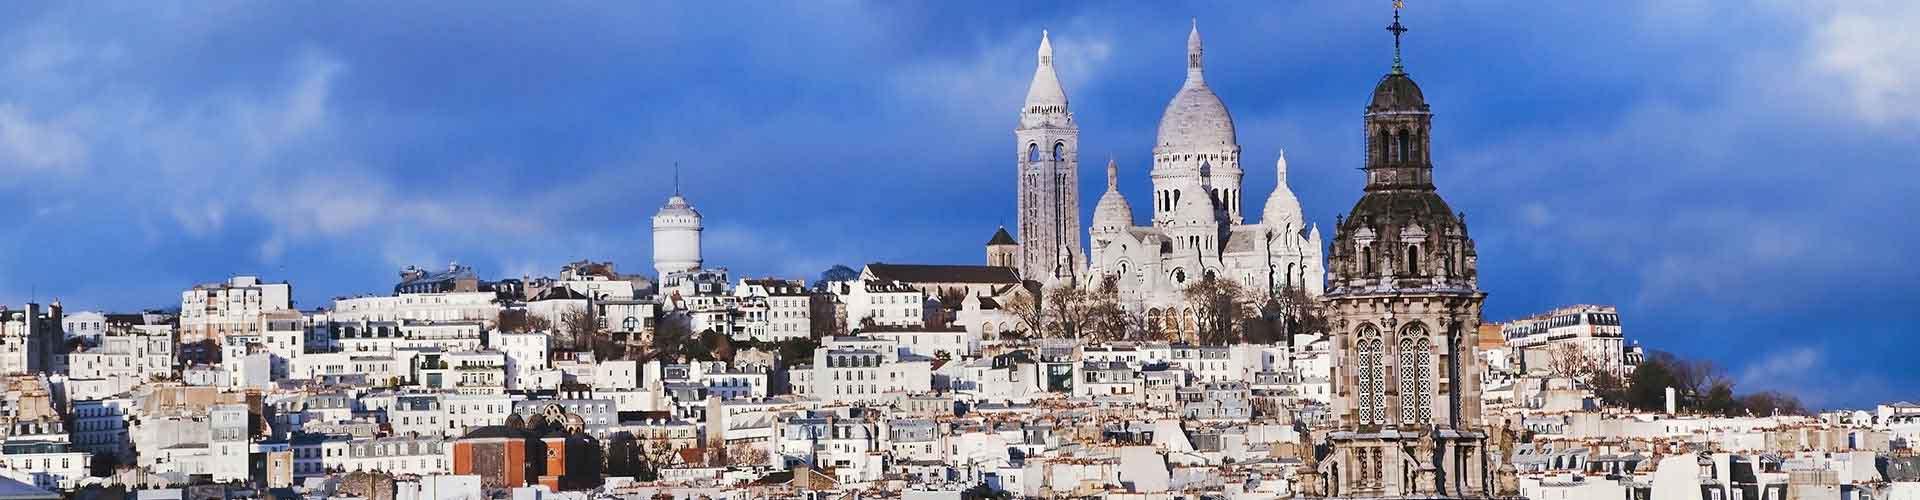 Paris - Auberges de jeunesse dans le quartier de Montmartre. Cartes pour Paris, photos et commentaires pour chaque auberge de jeunesse à Paris.